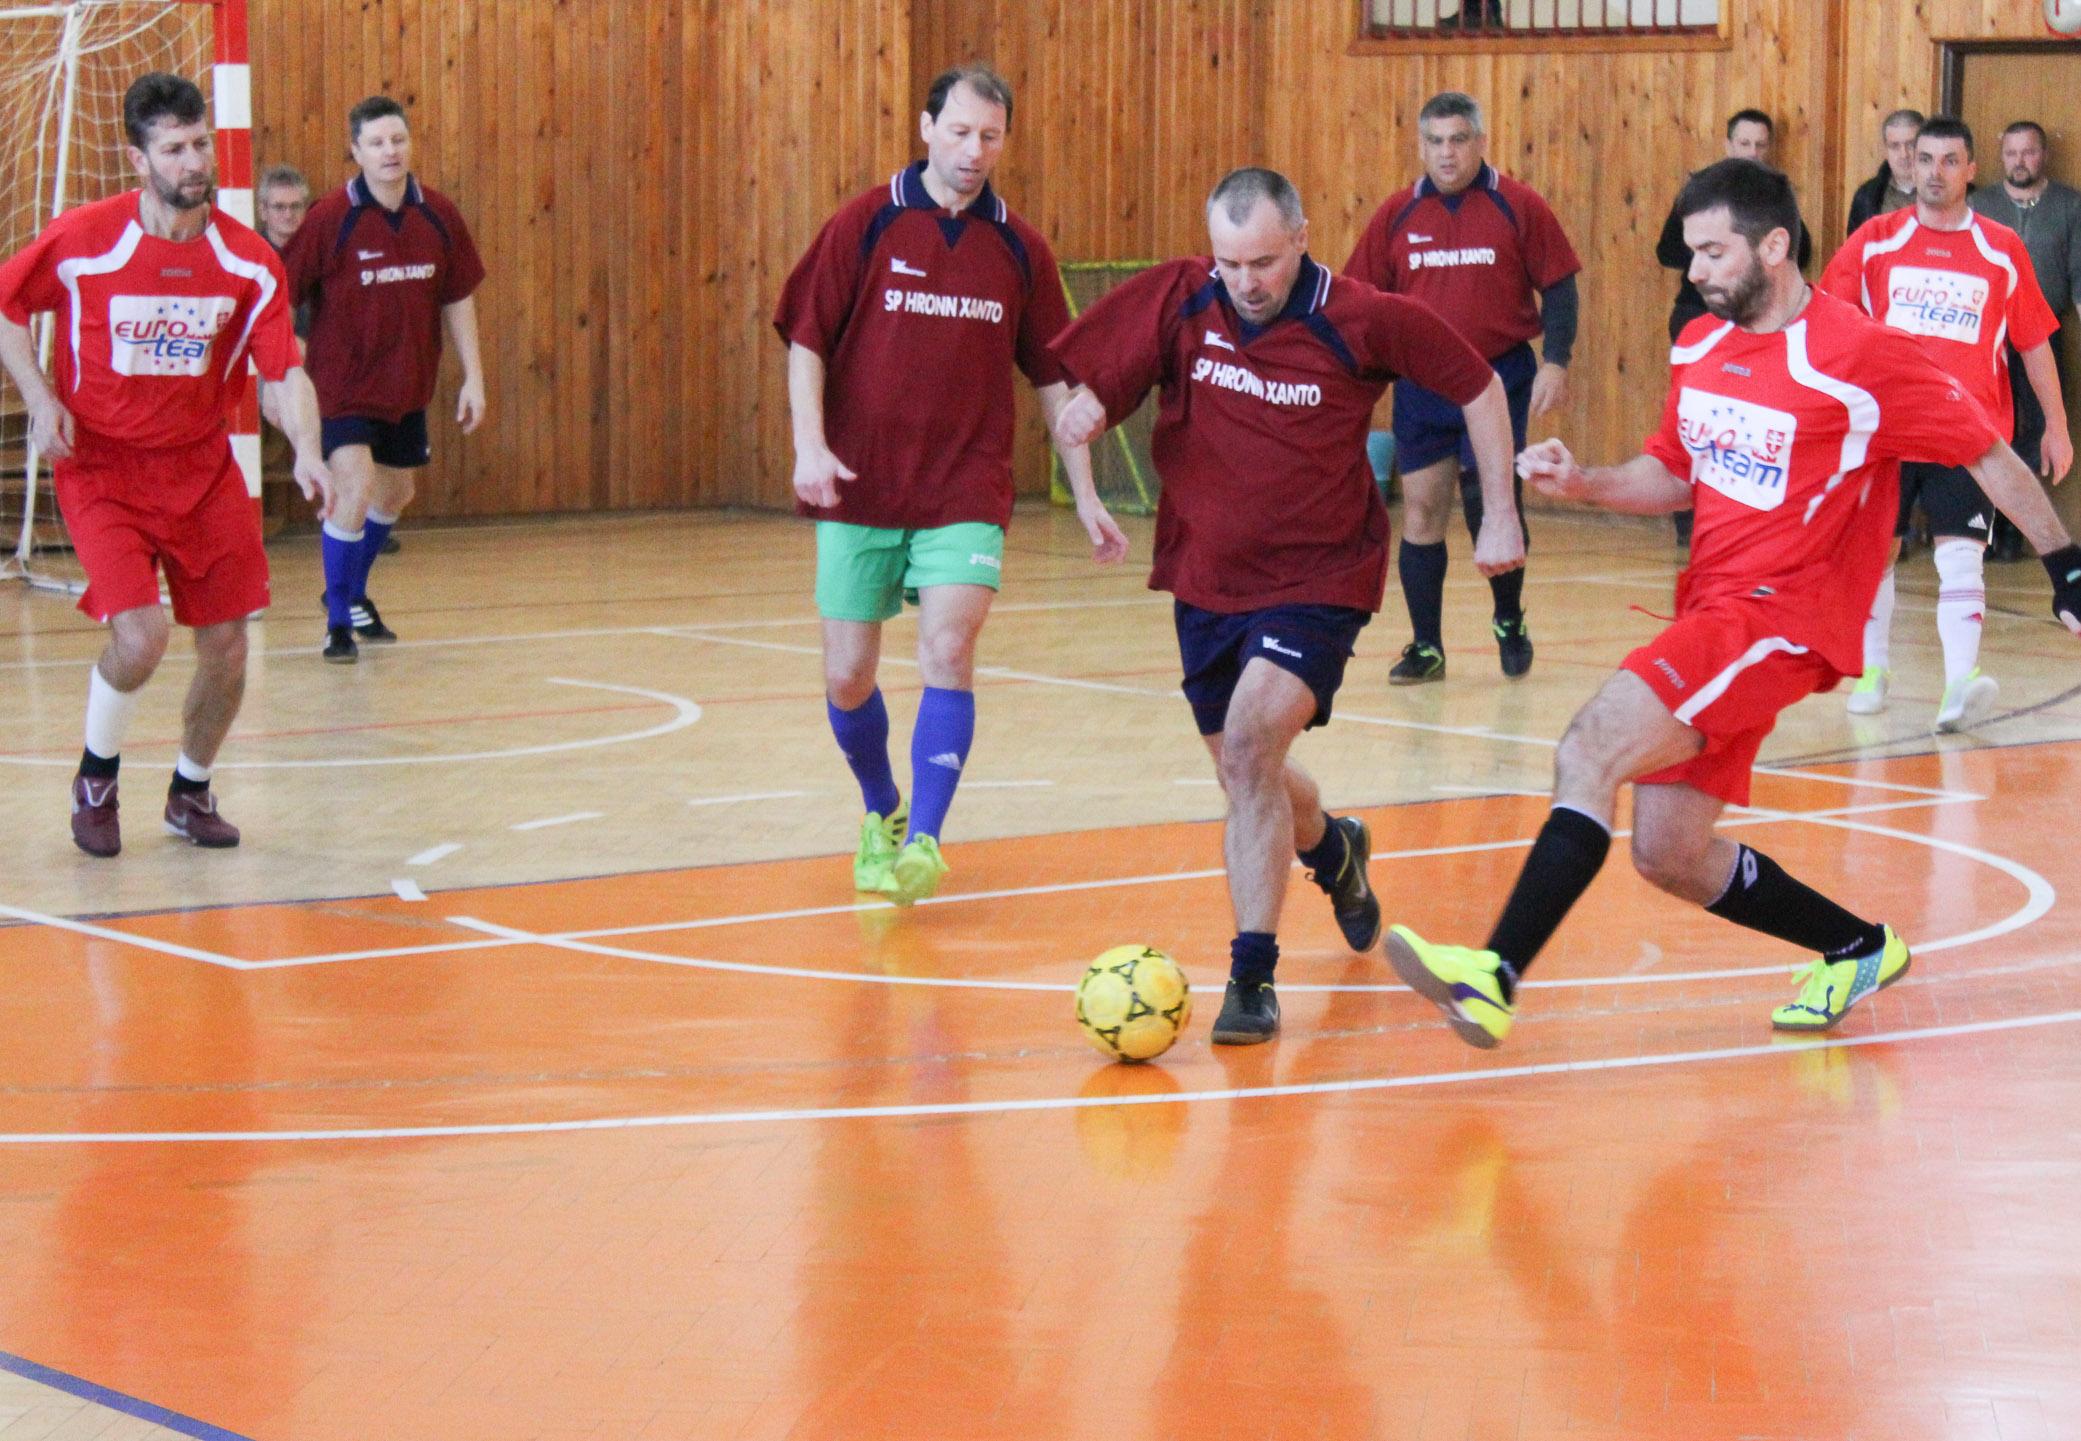 xanto-euroteam-liga-40-12-kolo-1